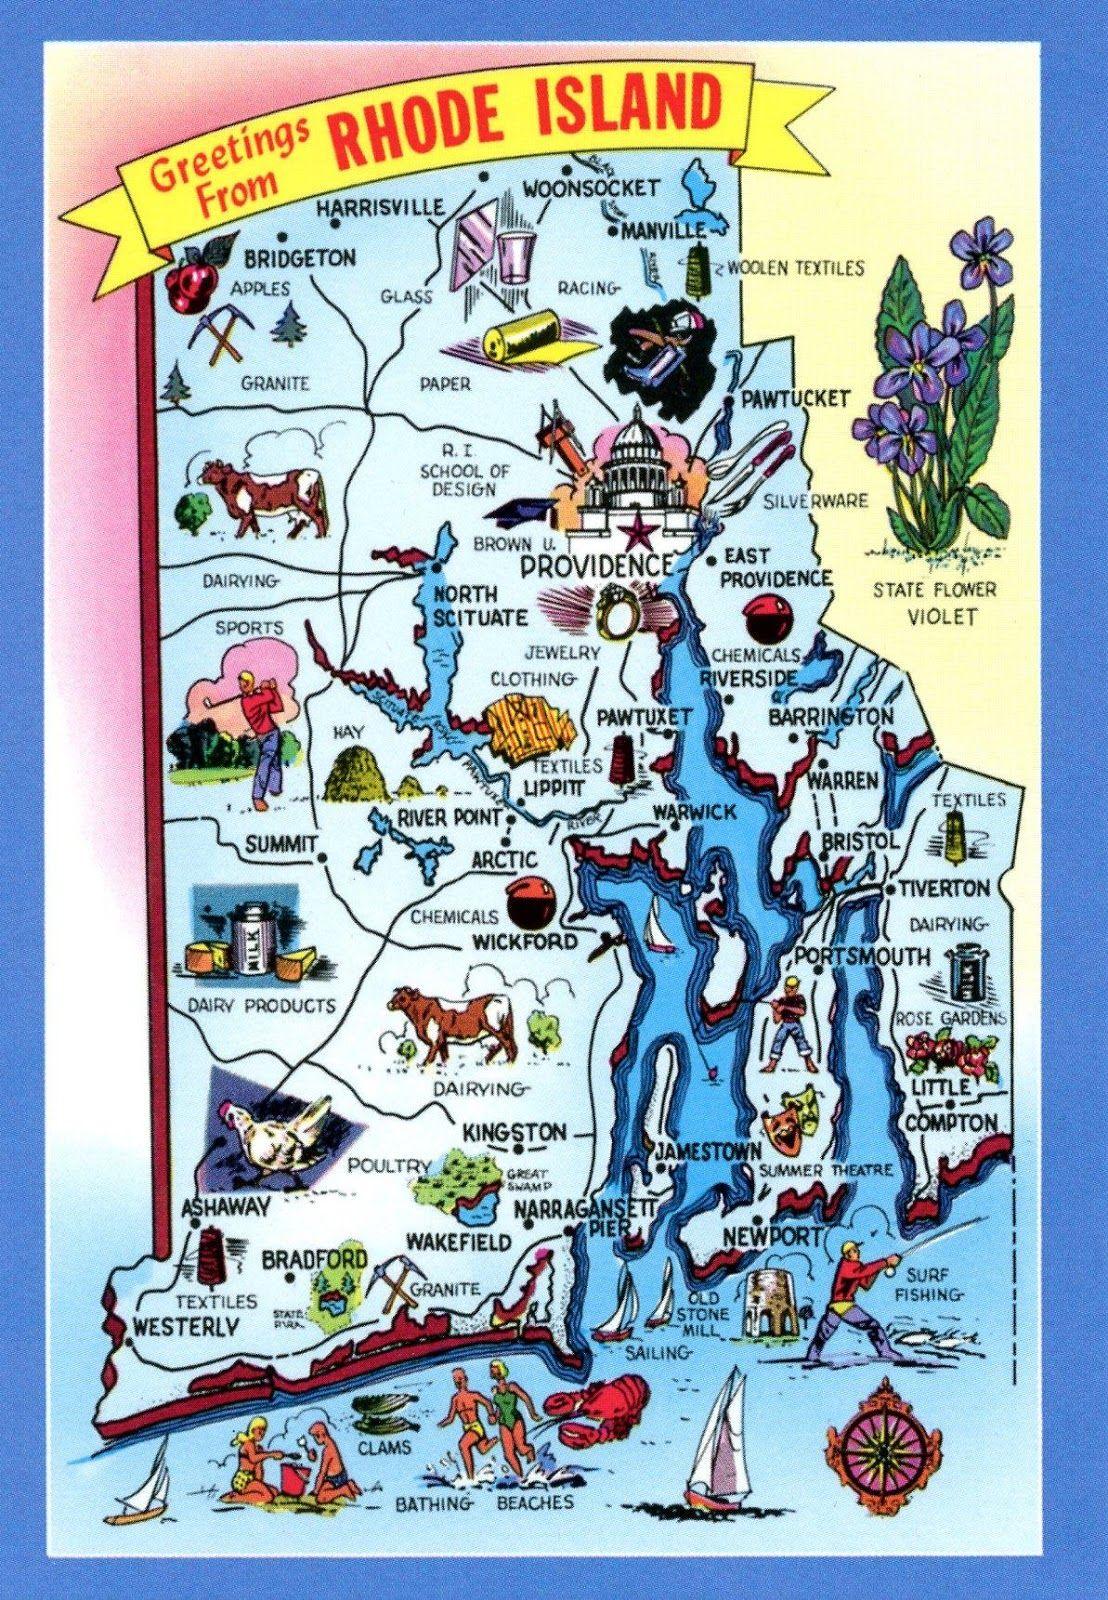 Rhode Island - Vereinigte Staaten von Amerika / United States of ...